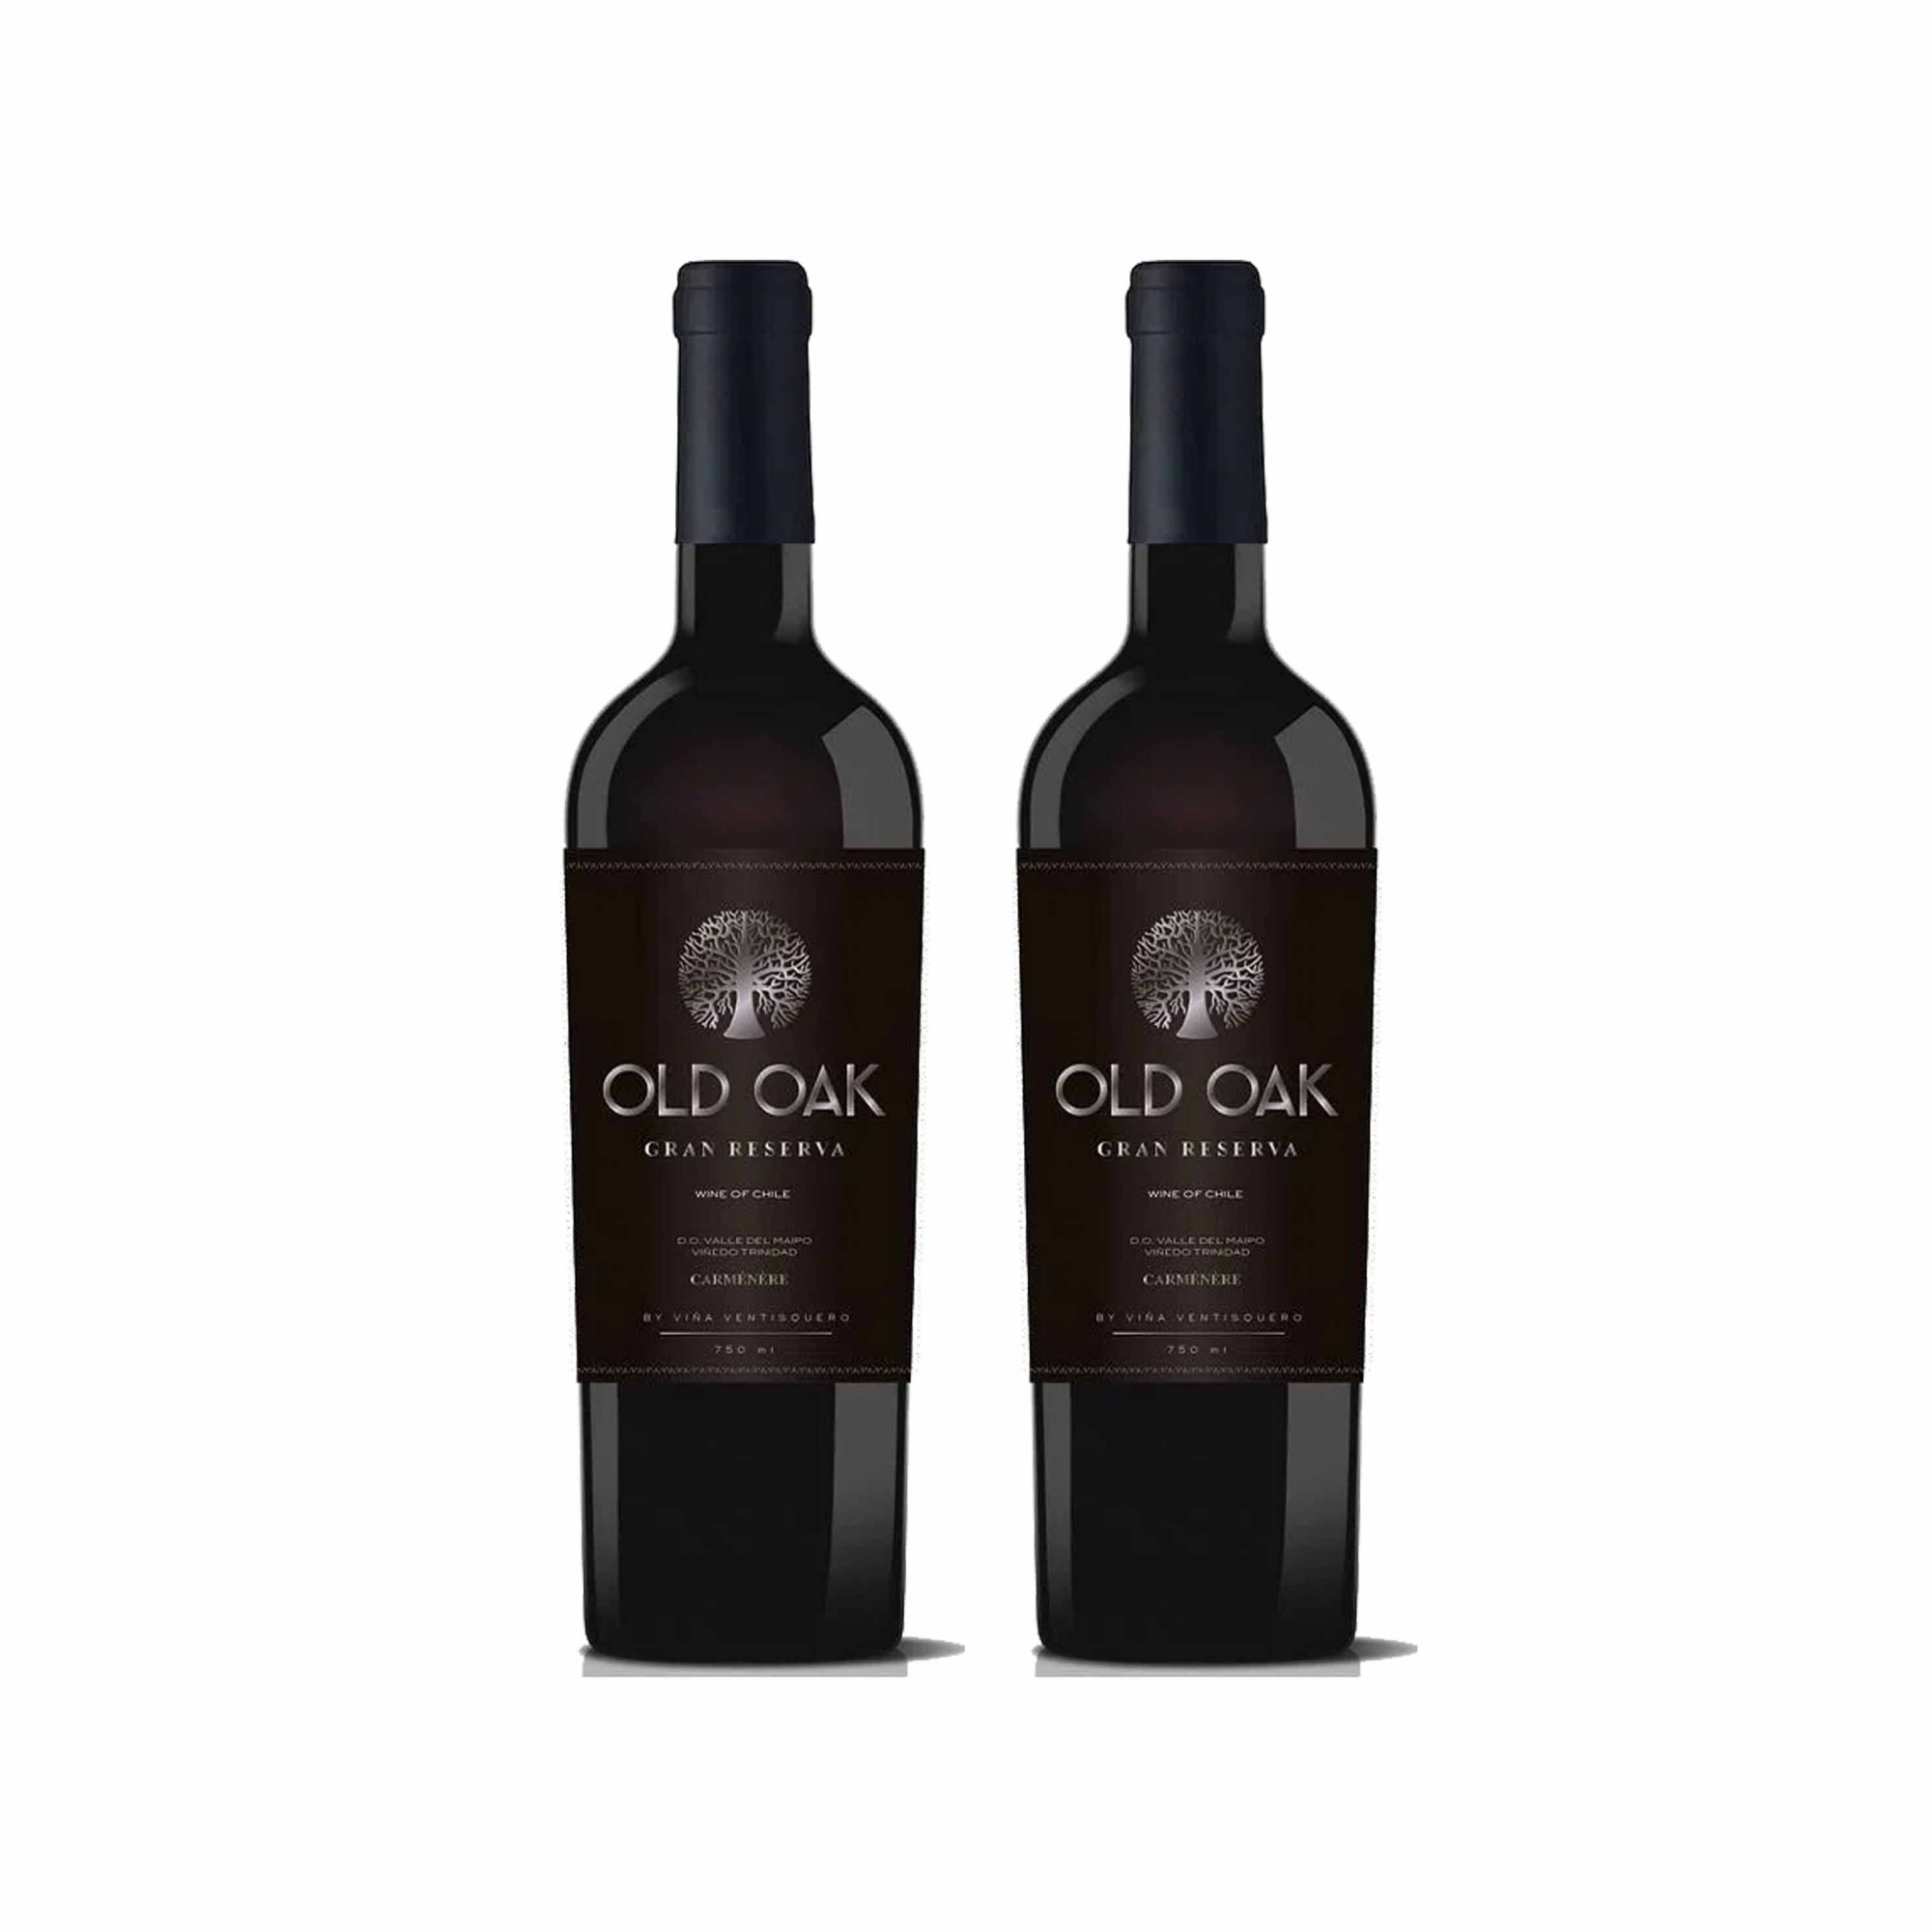 Kit 2x Vinho Tinto Chileno Old Oak Gran Reserve Carmenere 2018